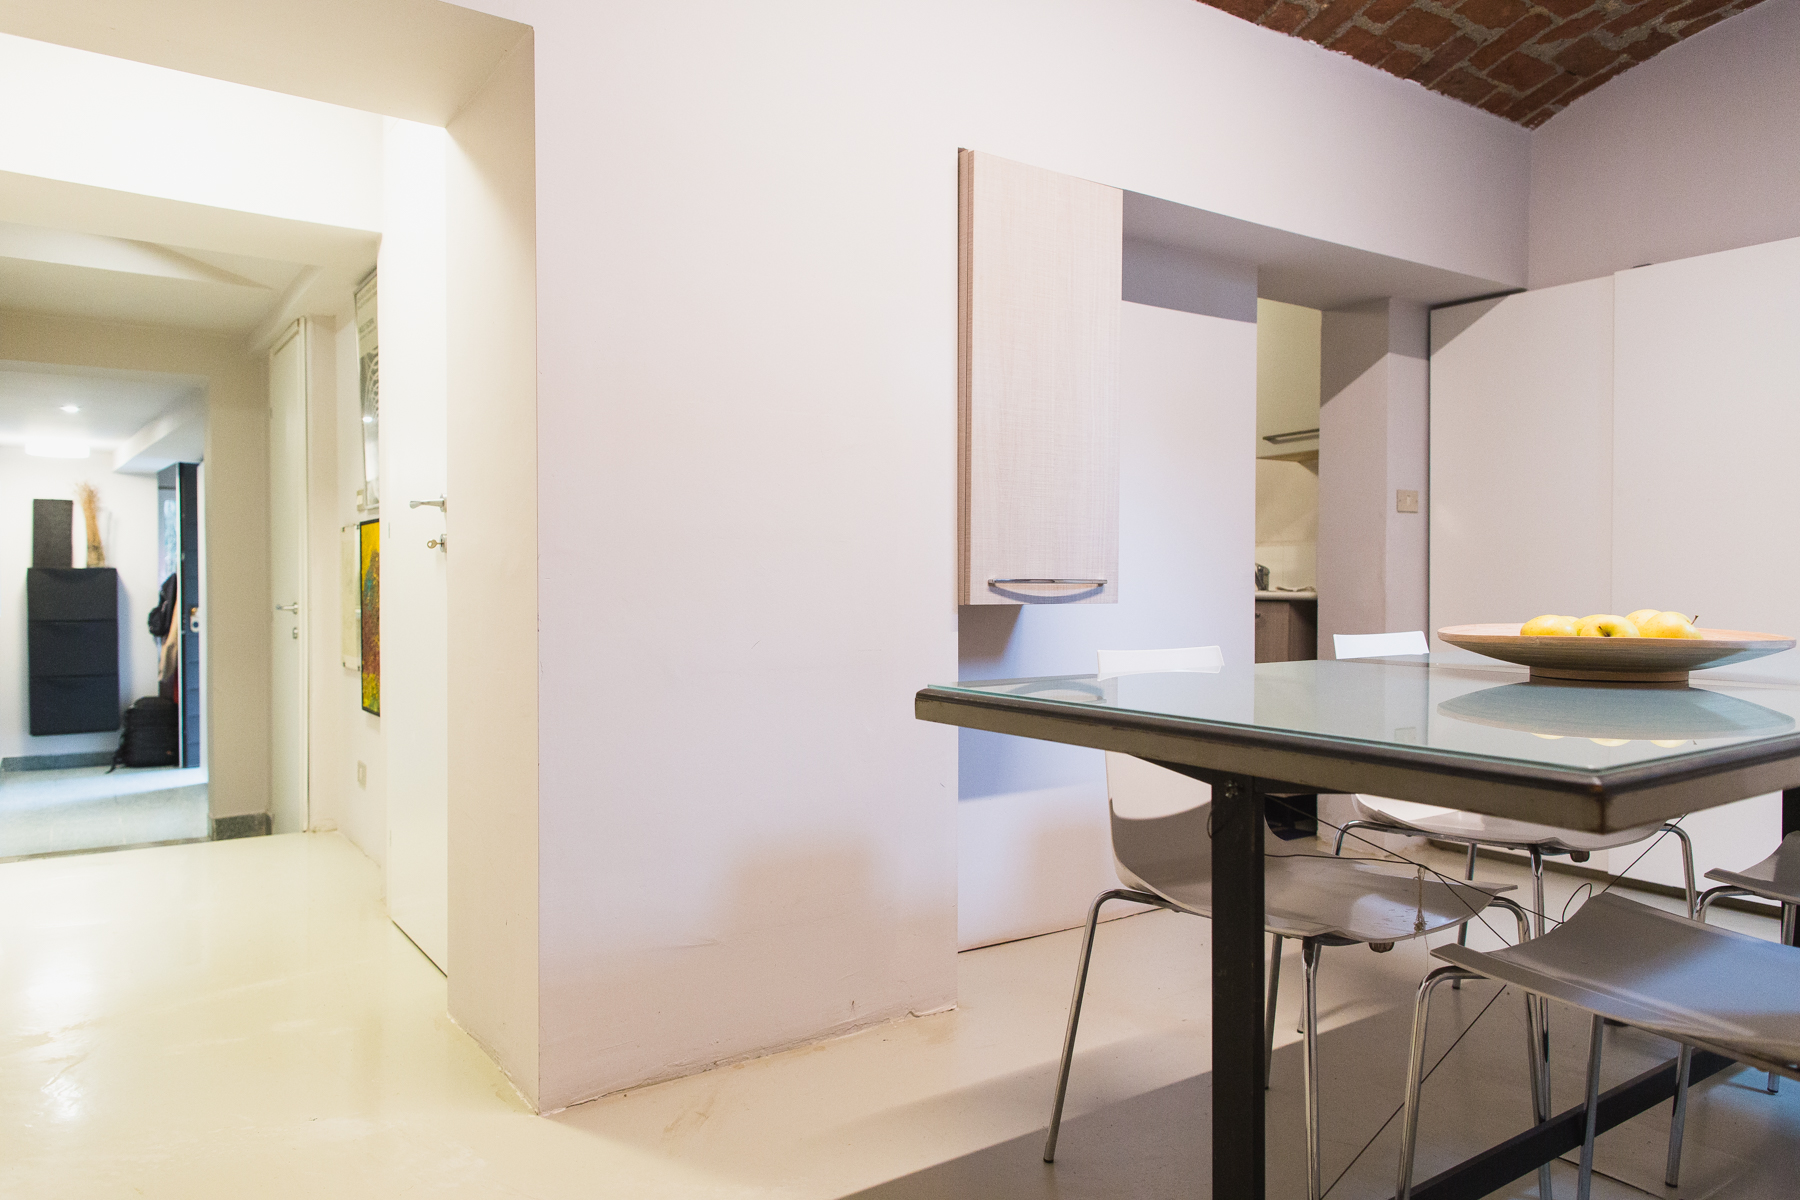 Villa in Vendita a Torino: 5 locali, 250 mq - Foto 9